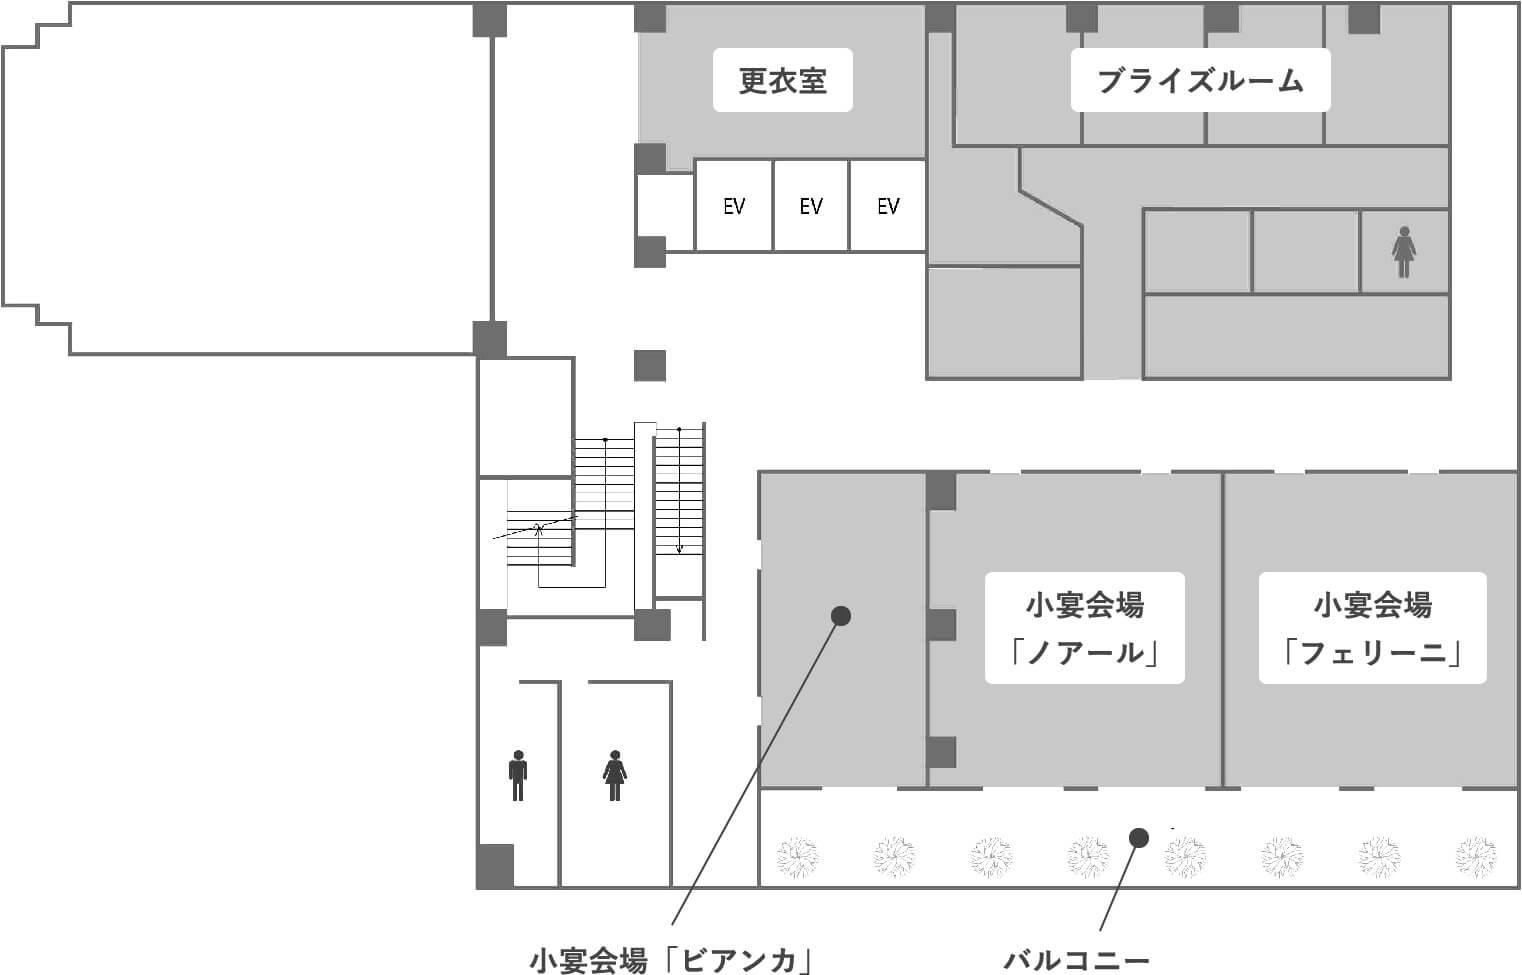 6階のフロアマップ画像